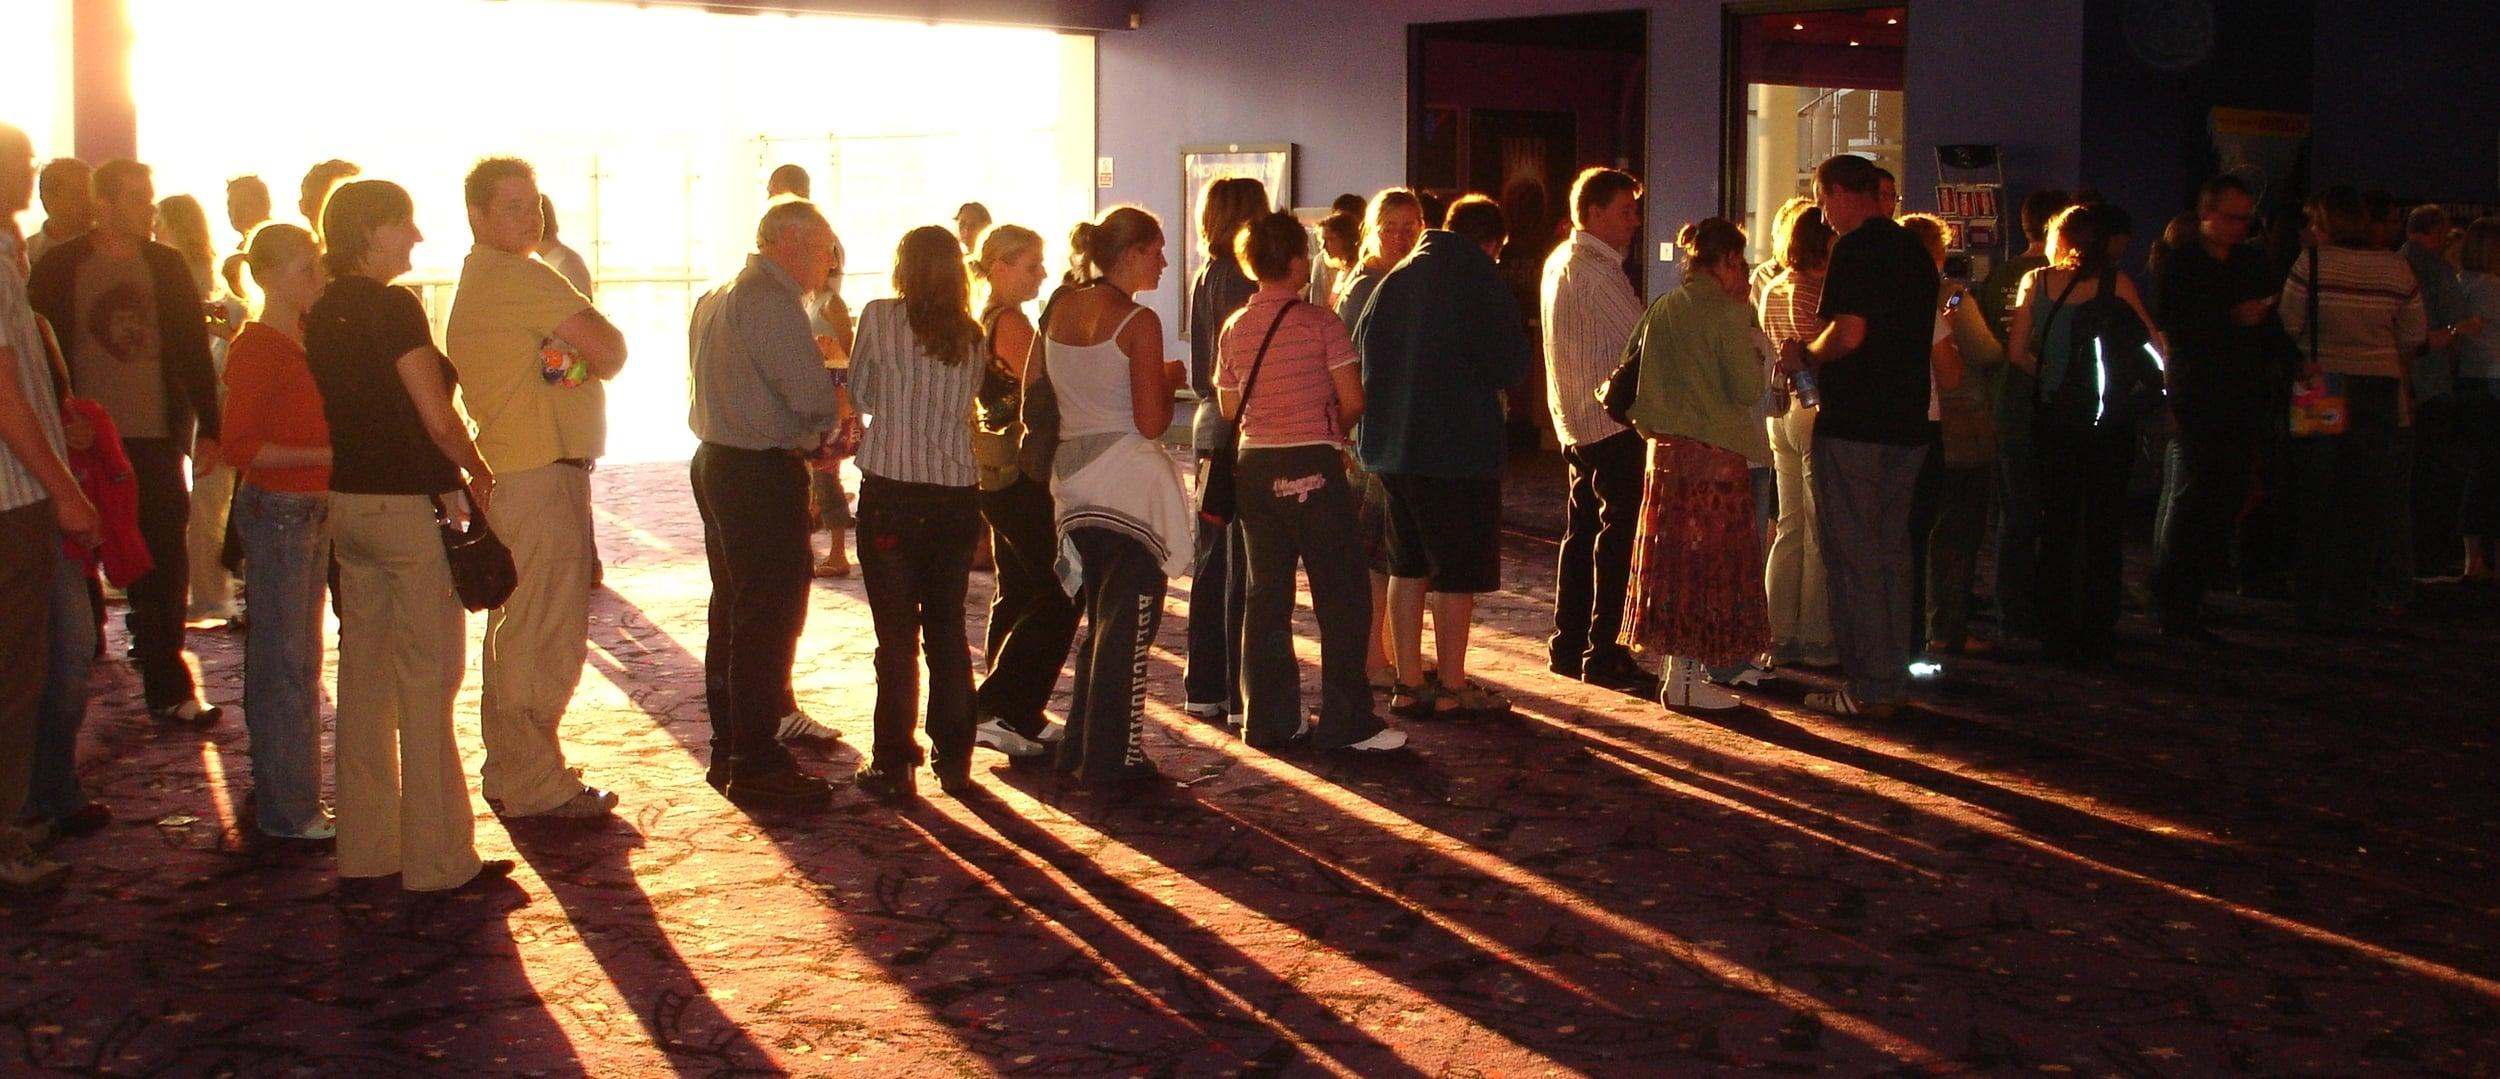 Light_on_cinema_queue.jpg